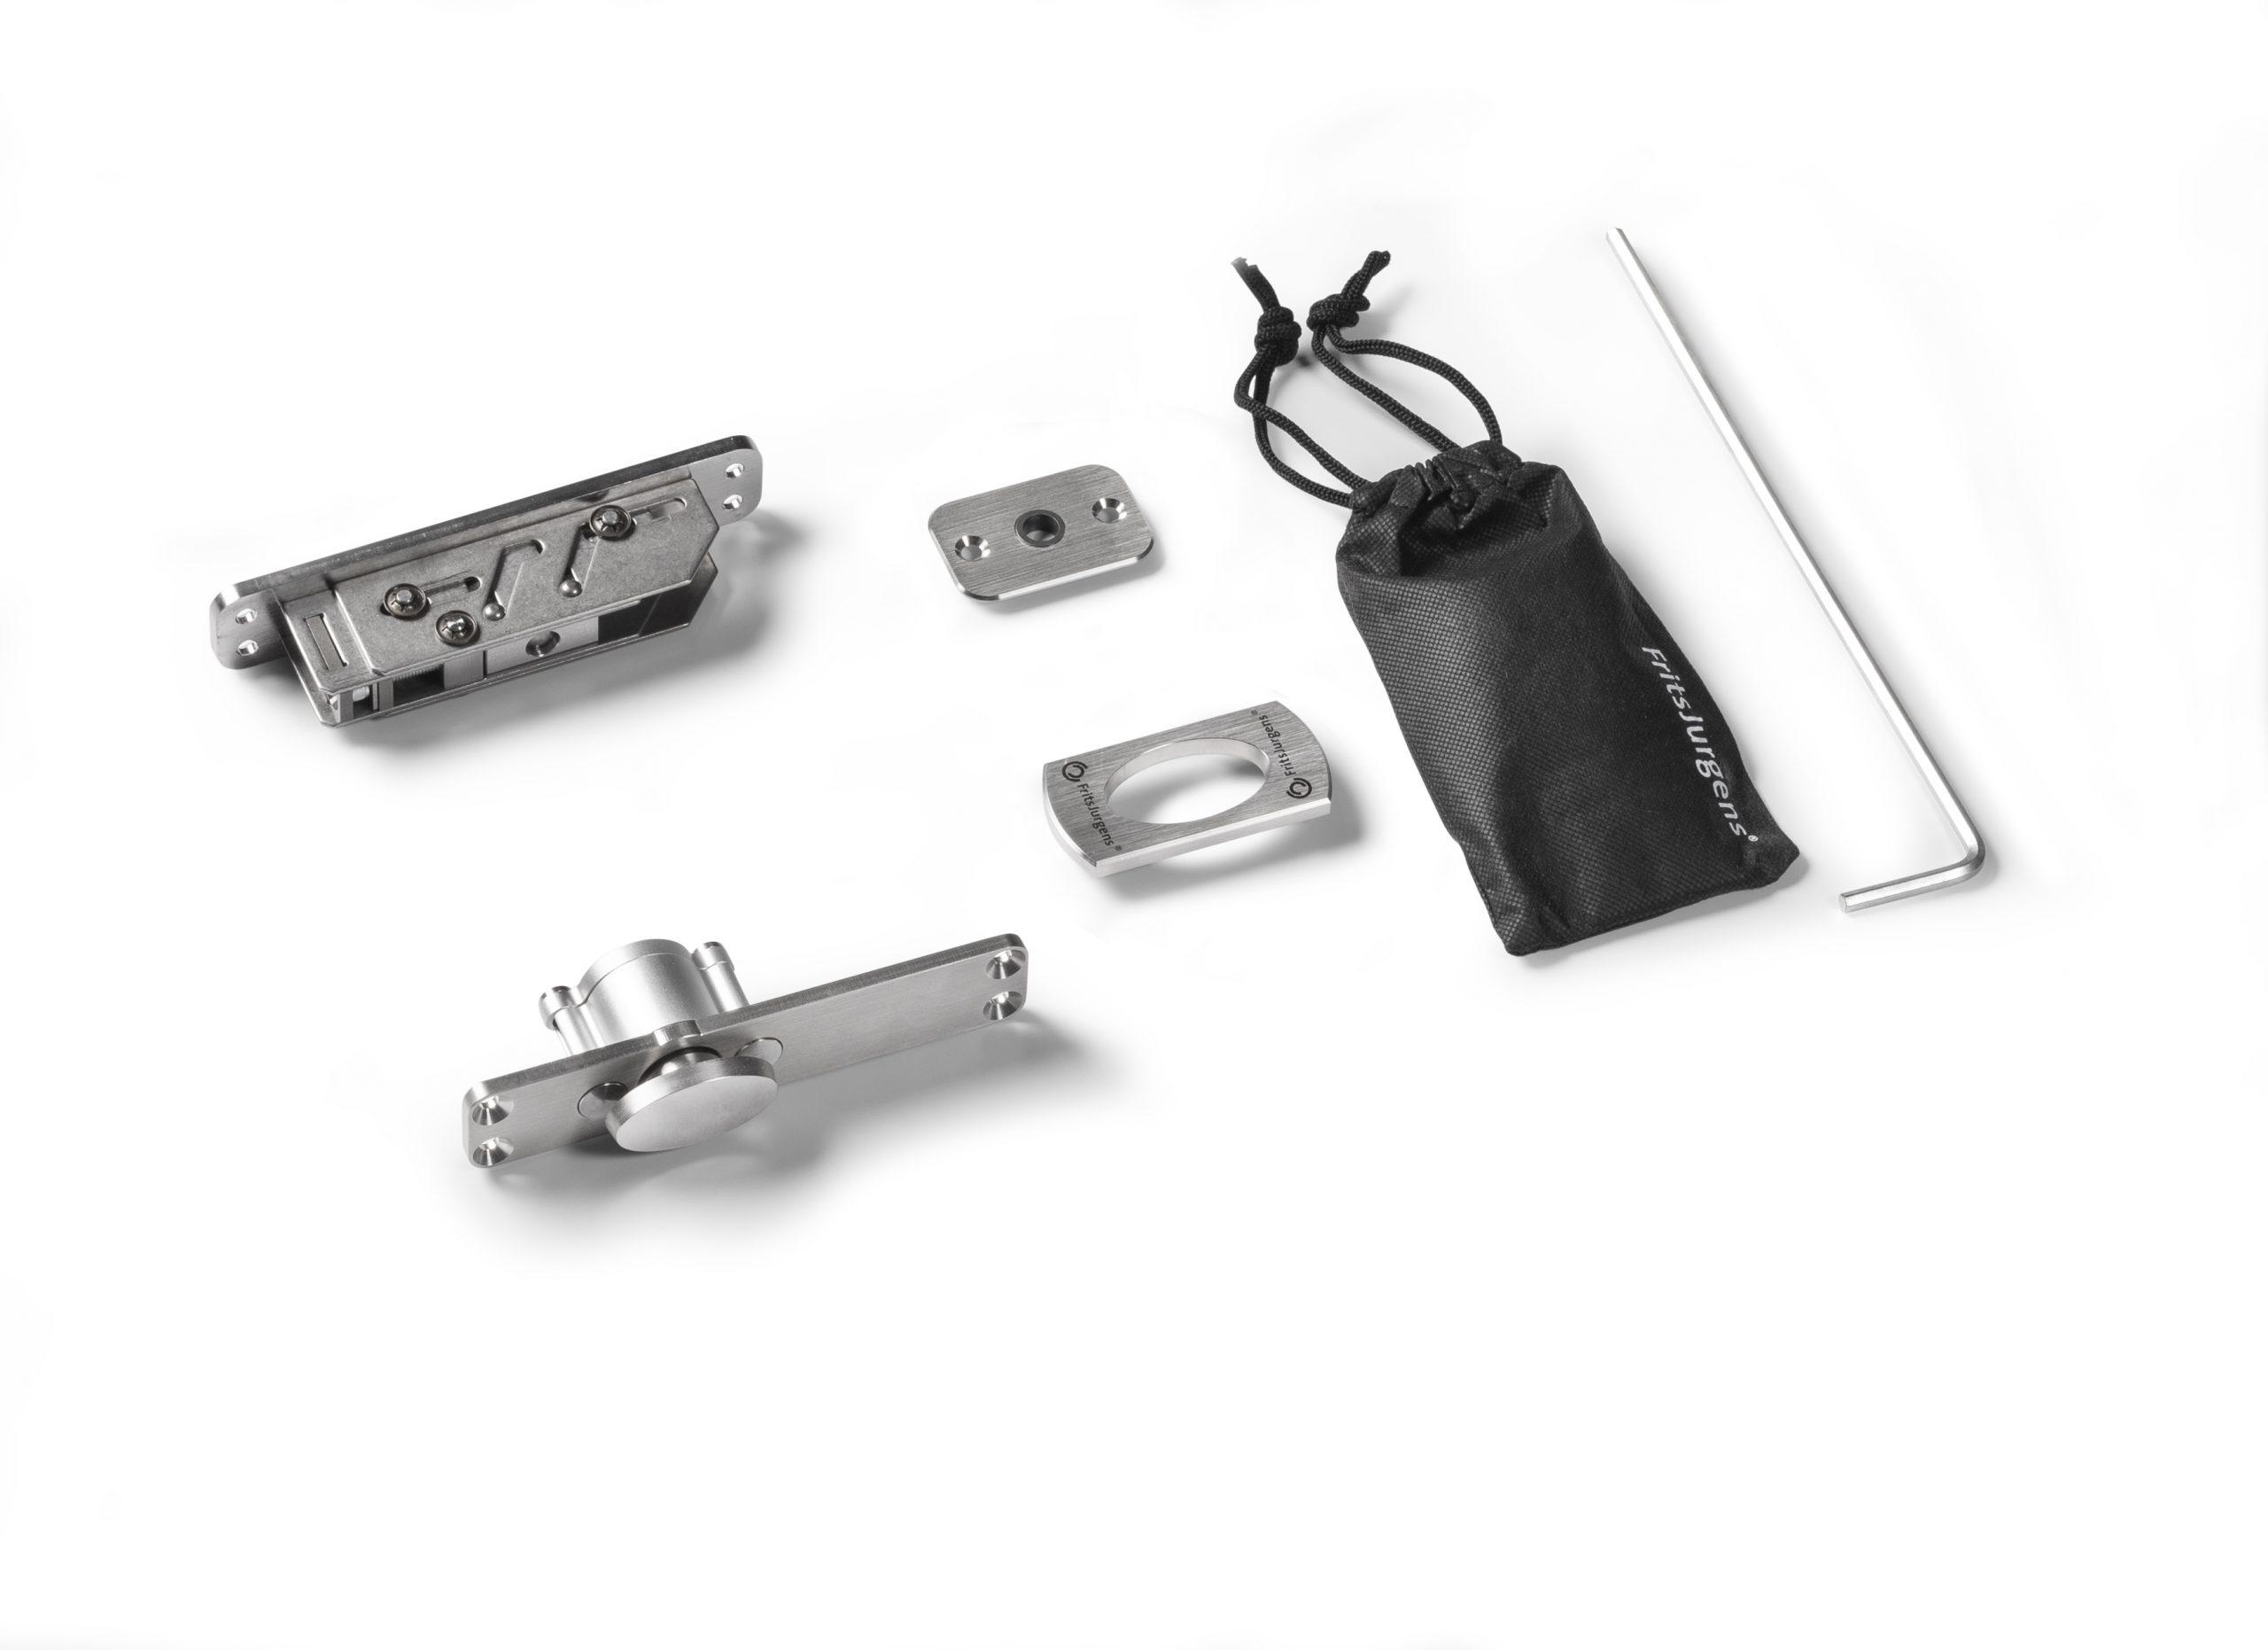 fritsjurgens-system-one-pivot-hinges-scaled.jpg